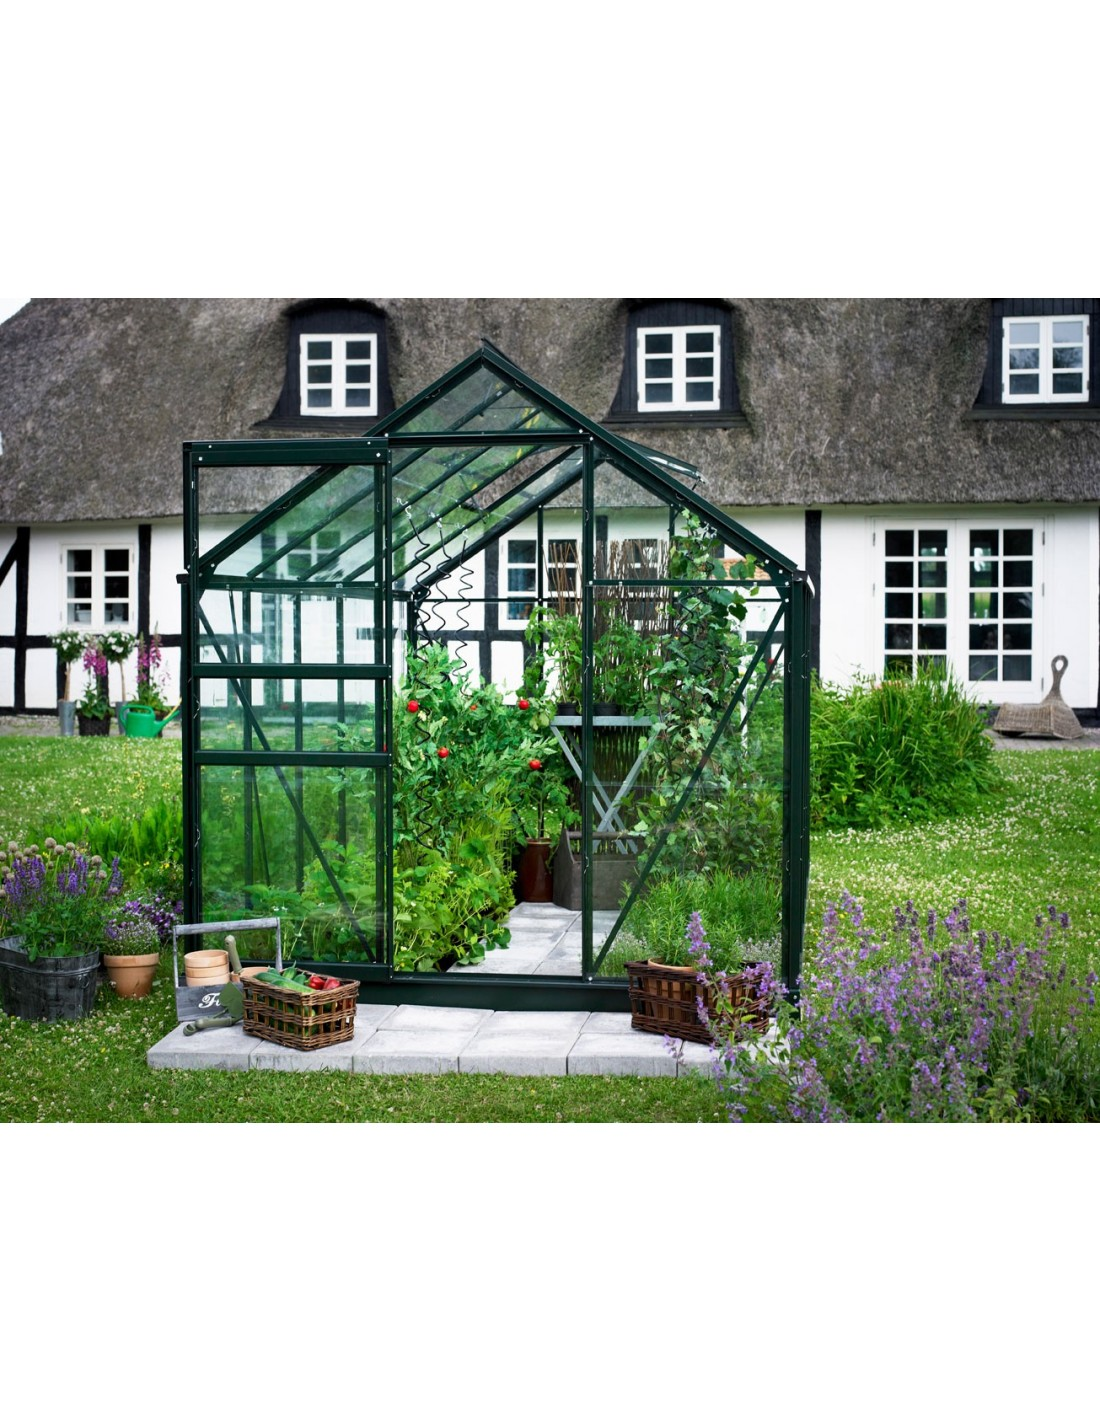 Serre de jardin popular 3 8 m laqu e verte verre horticole de 3 mm - Serre de jardin en verre horticole ...